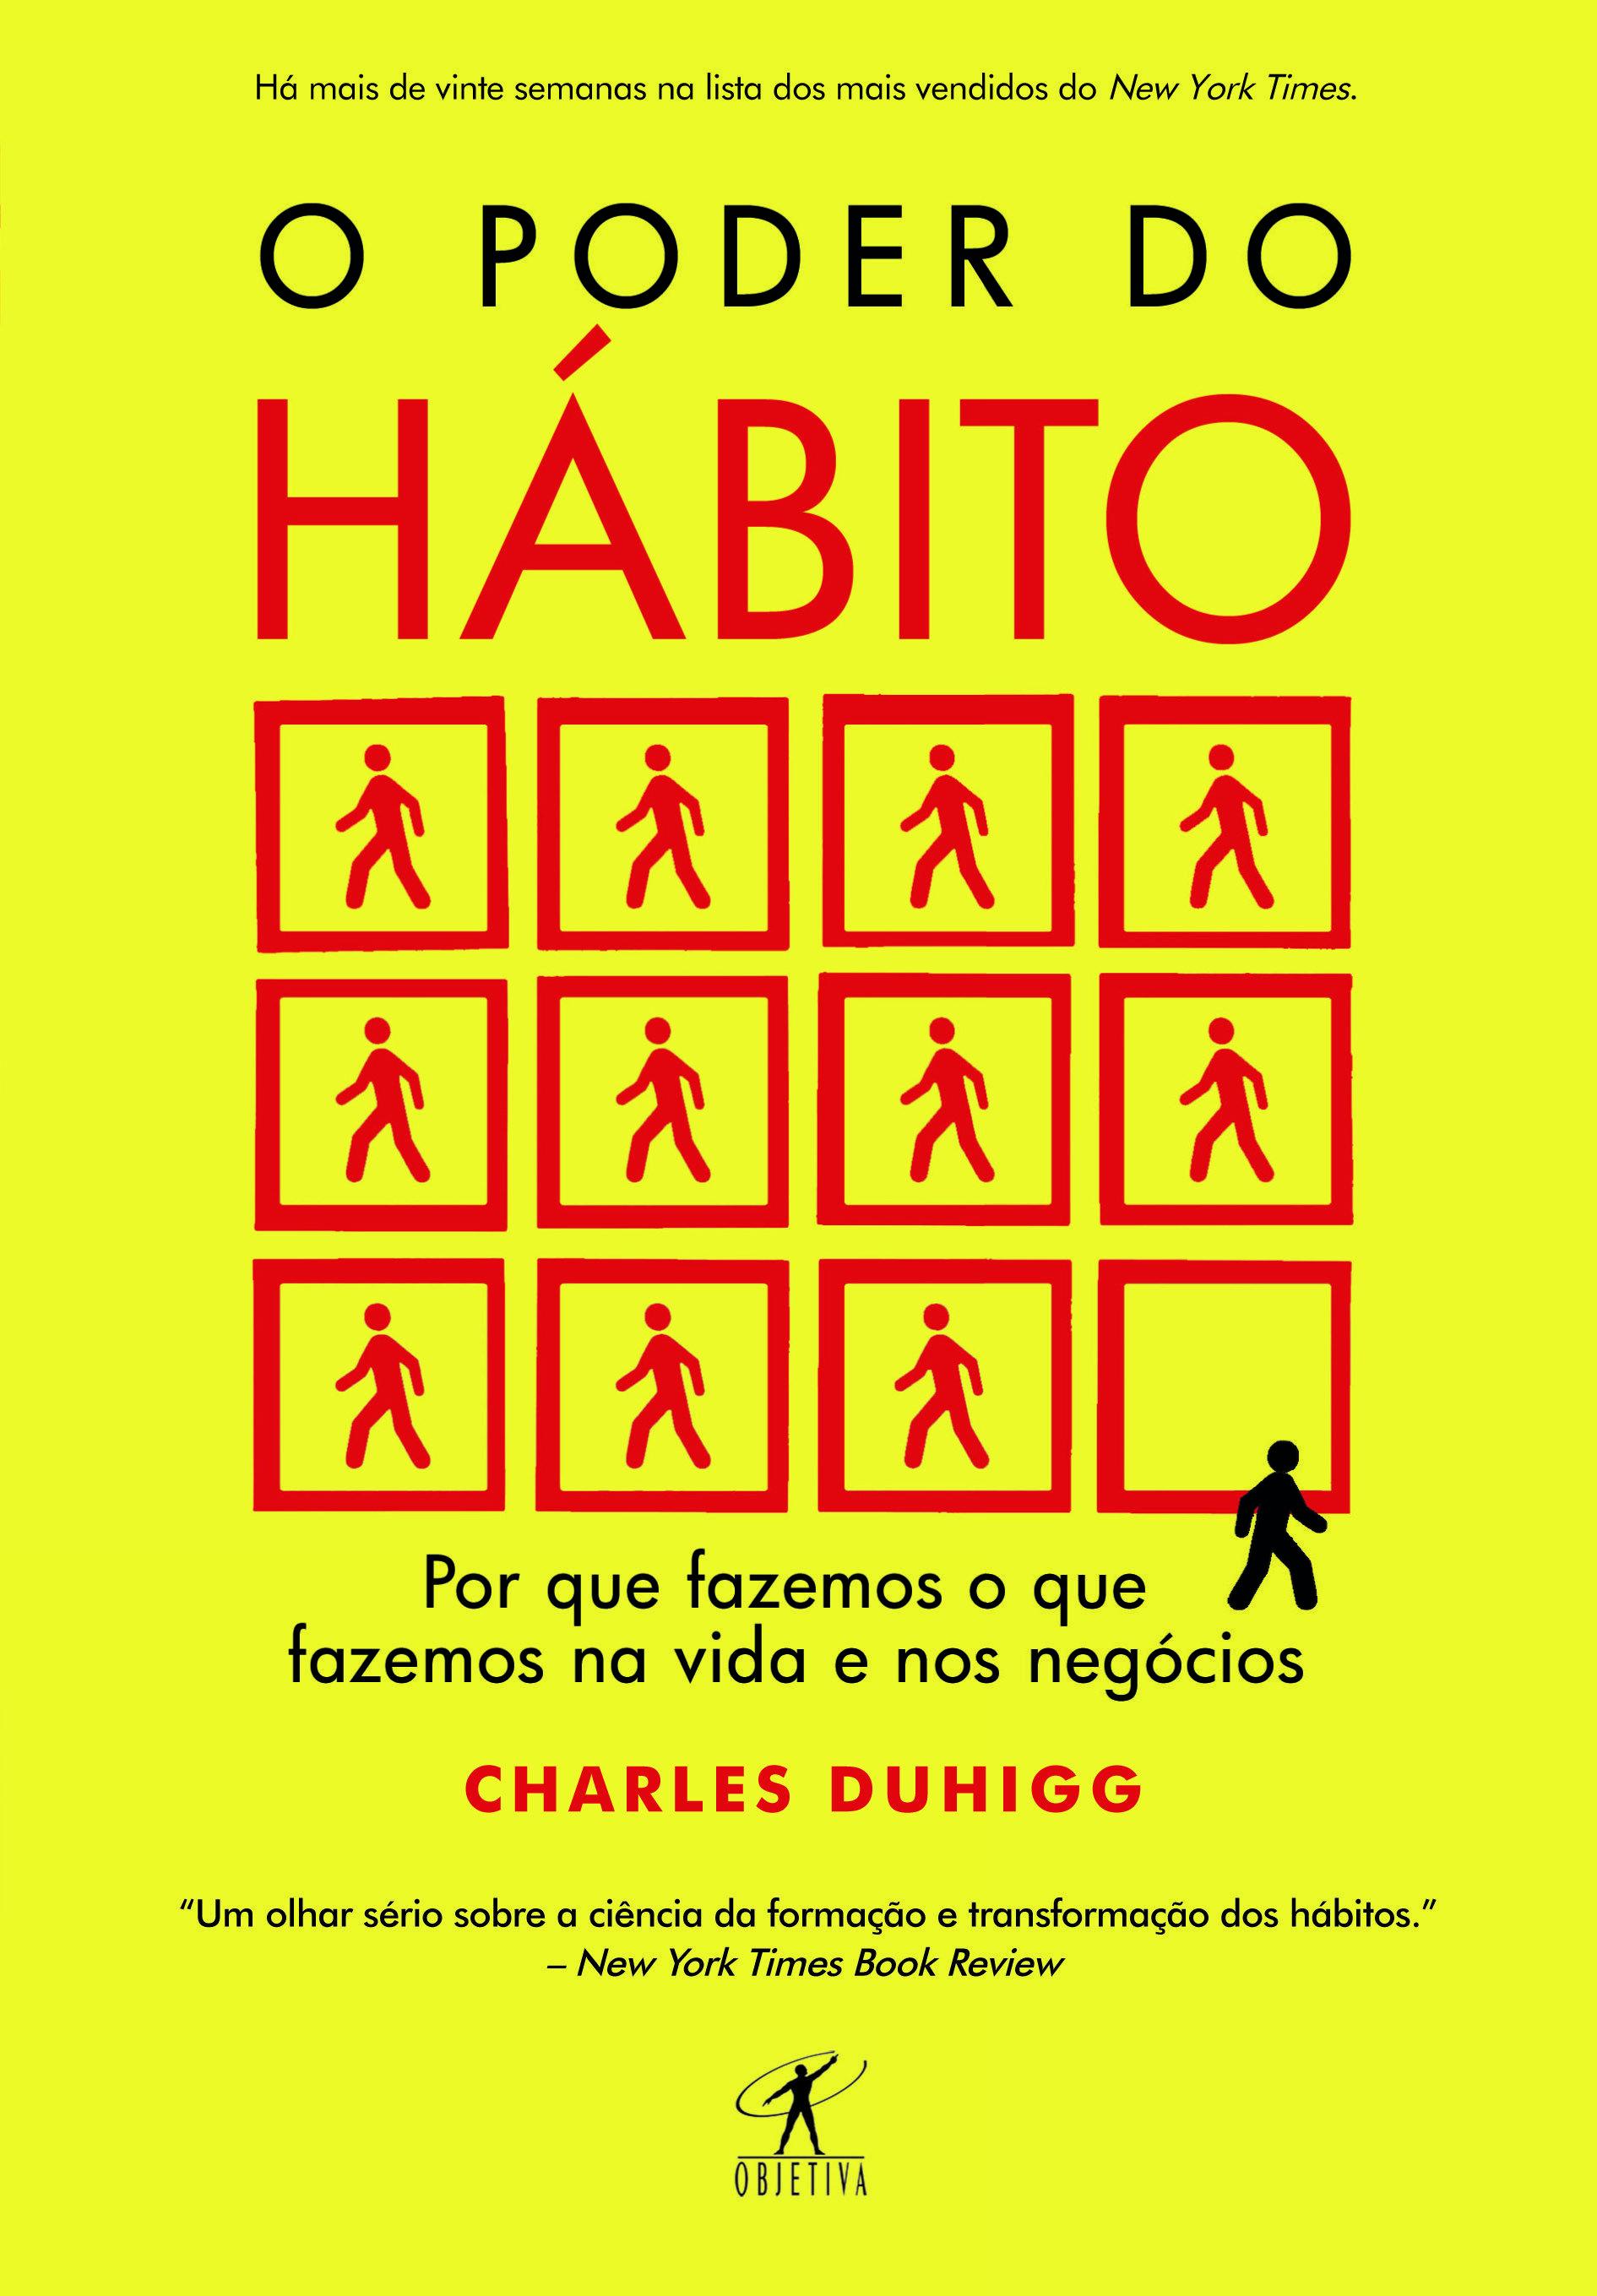 O Poder Do Habito Como Mudar Um Habito Com Imagens Livros De